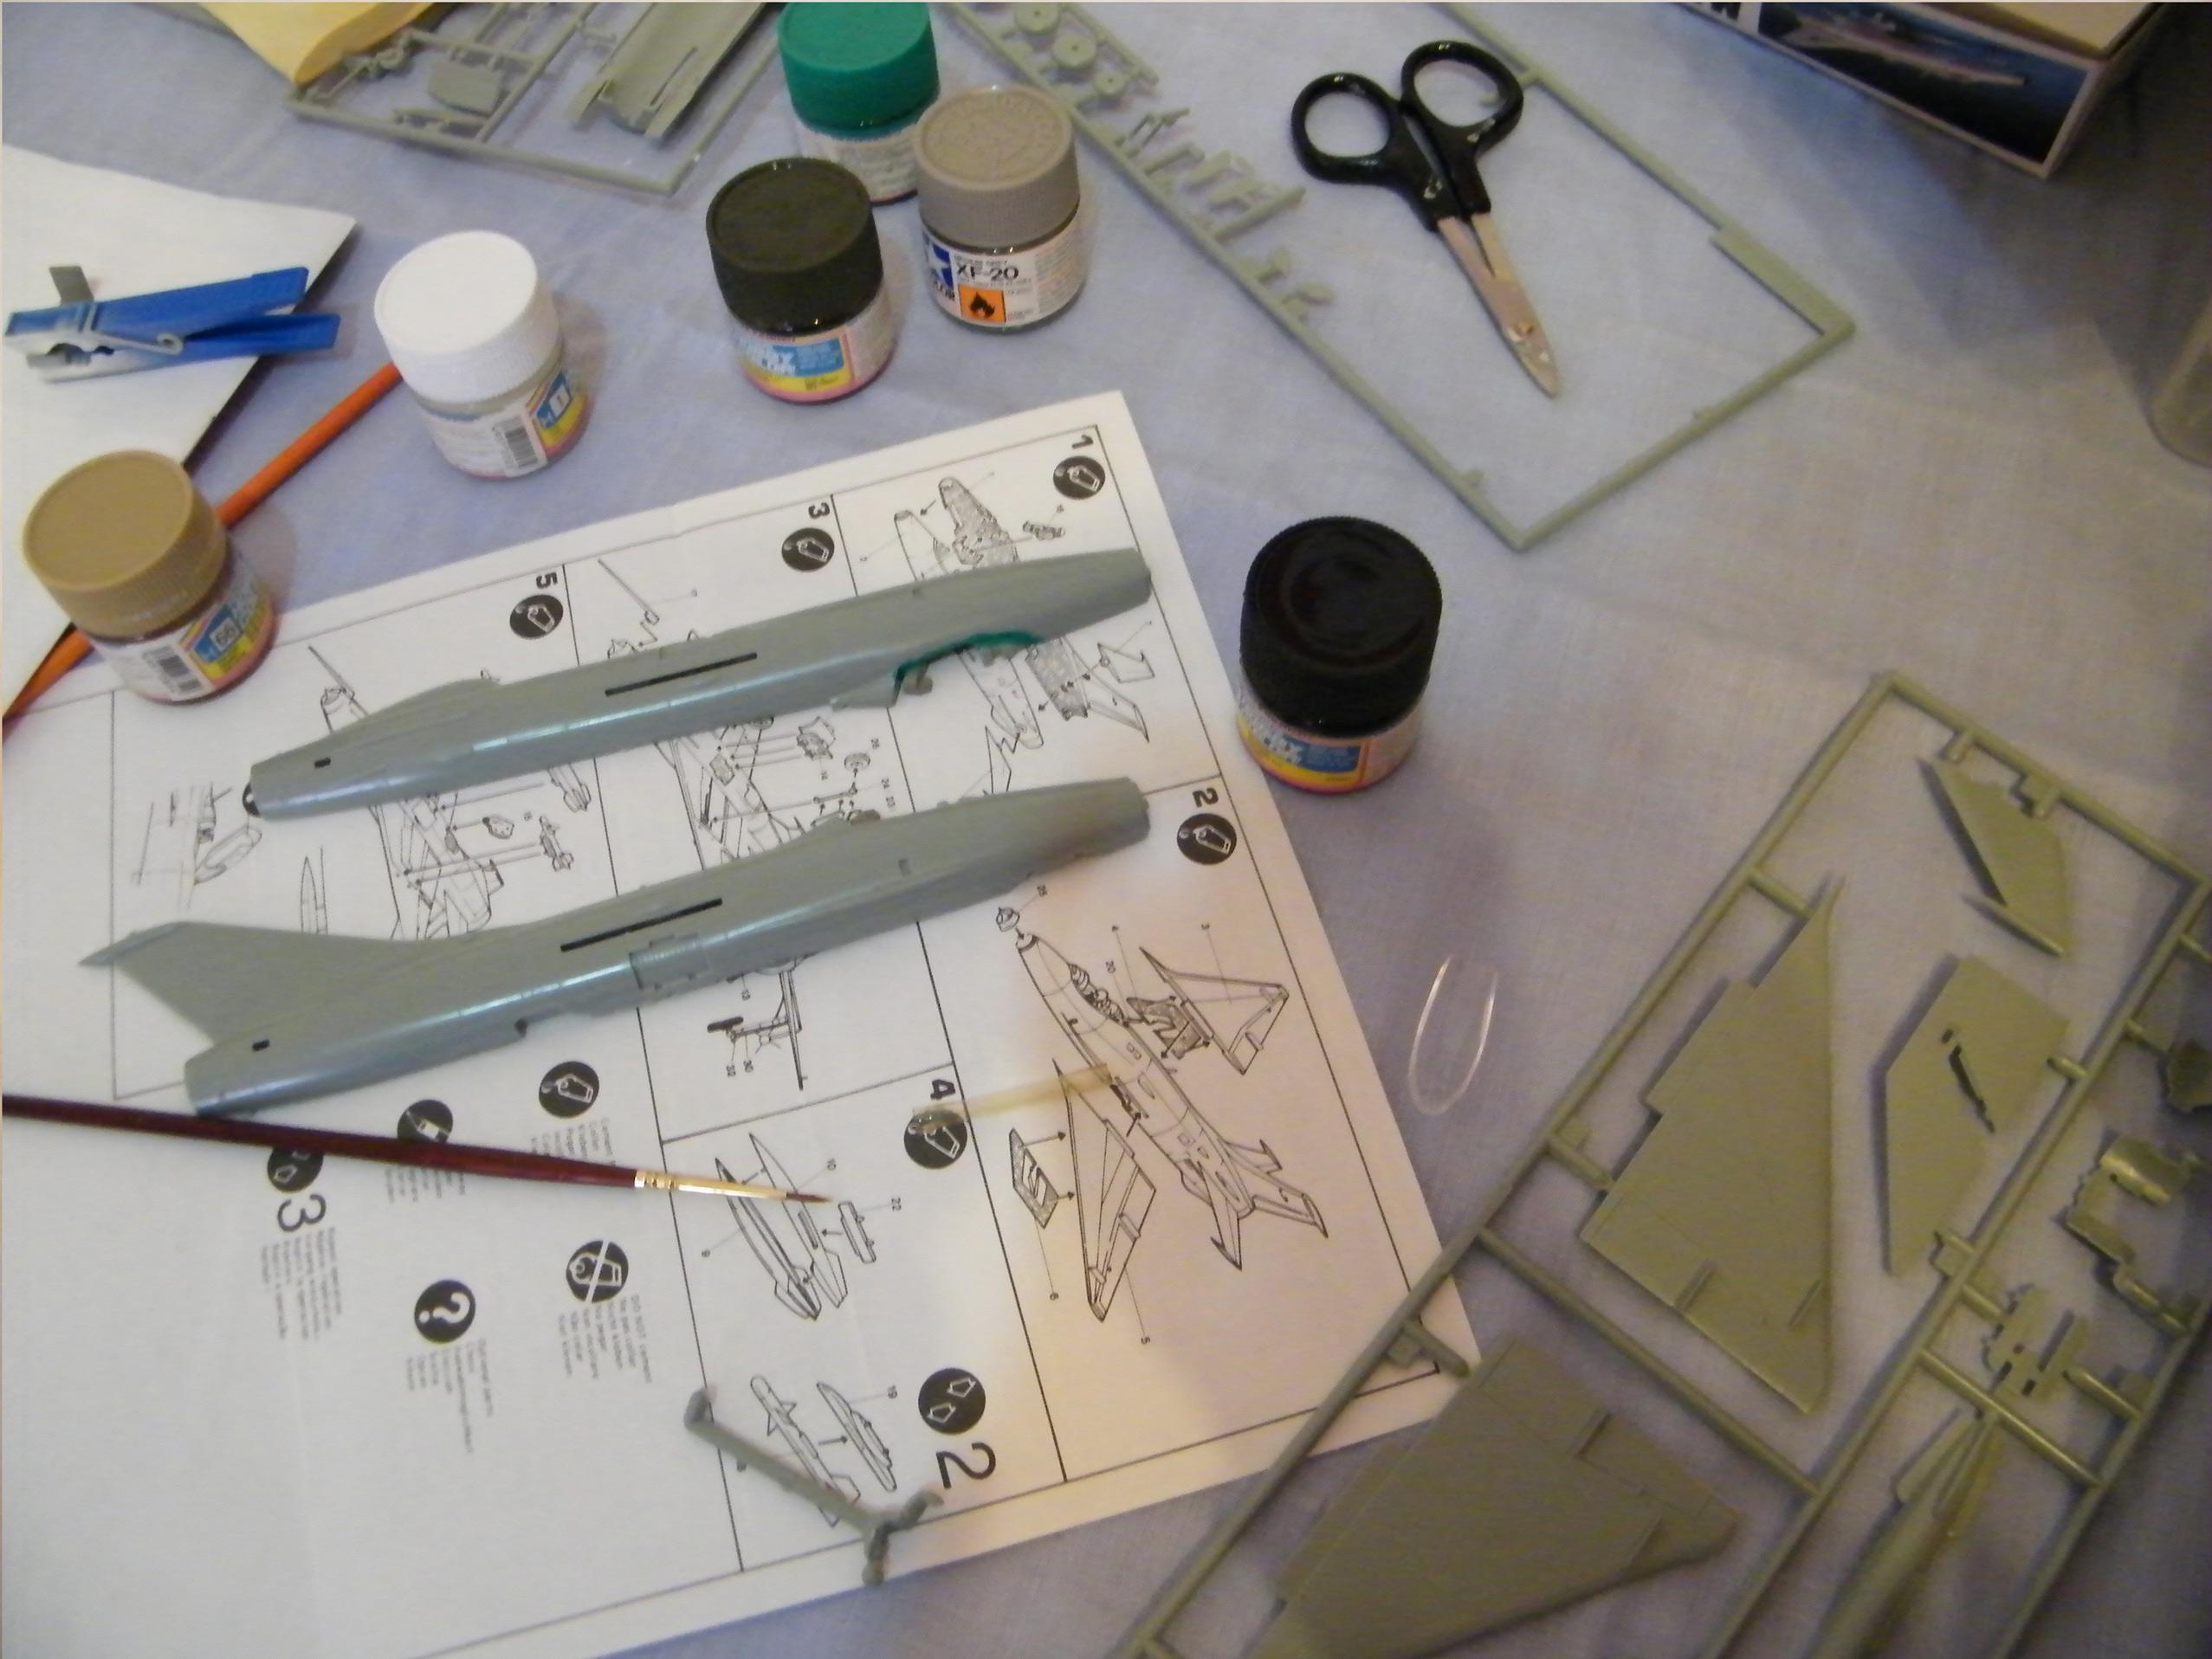 Mesa de trabajo durante el montaje de la maqueta del Mig-21